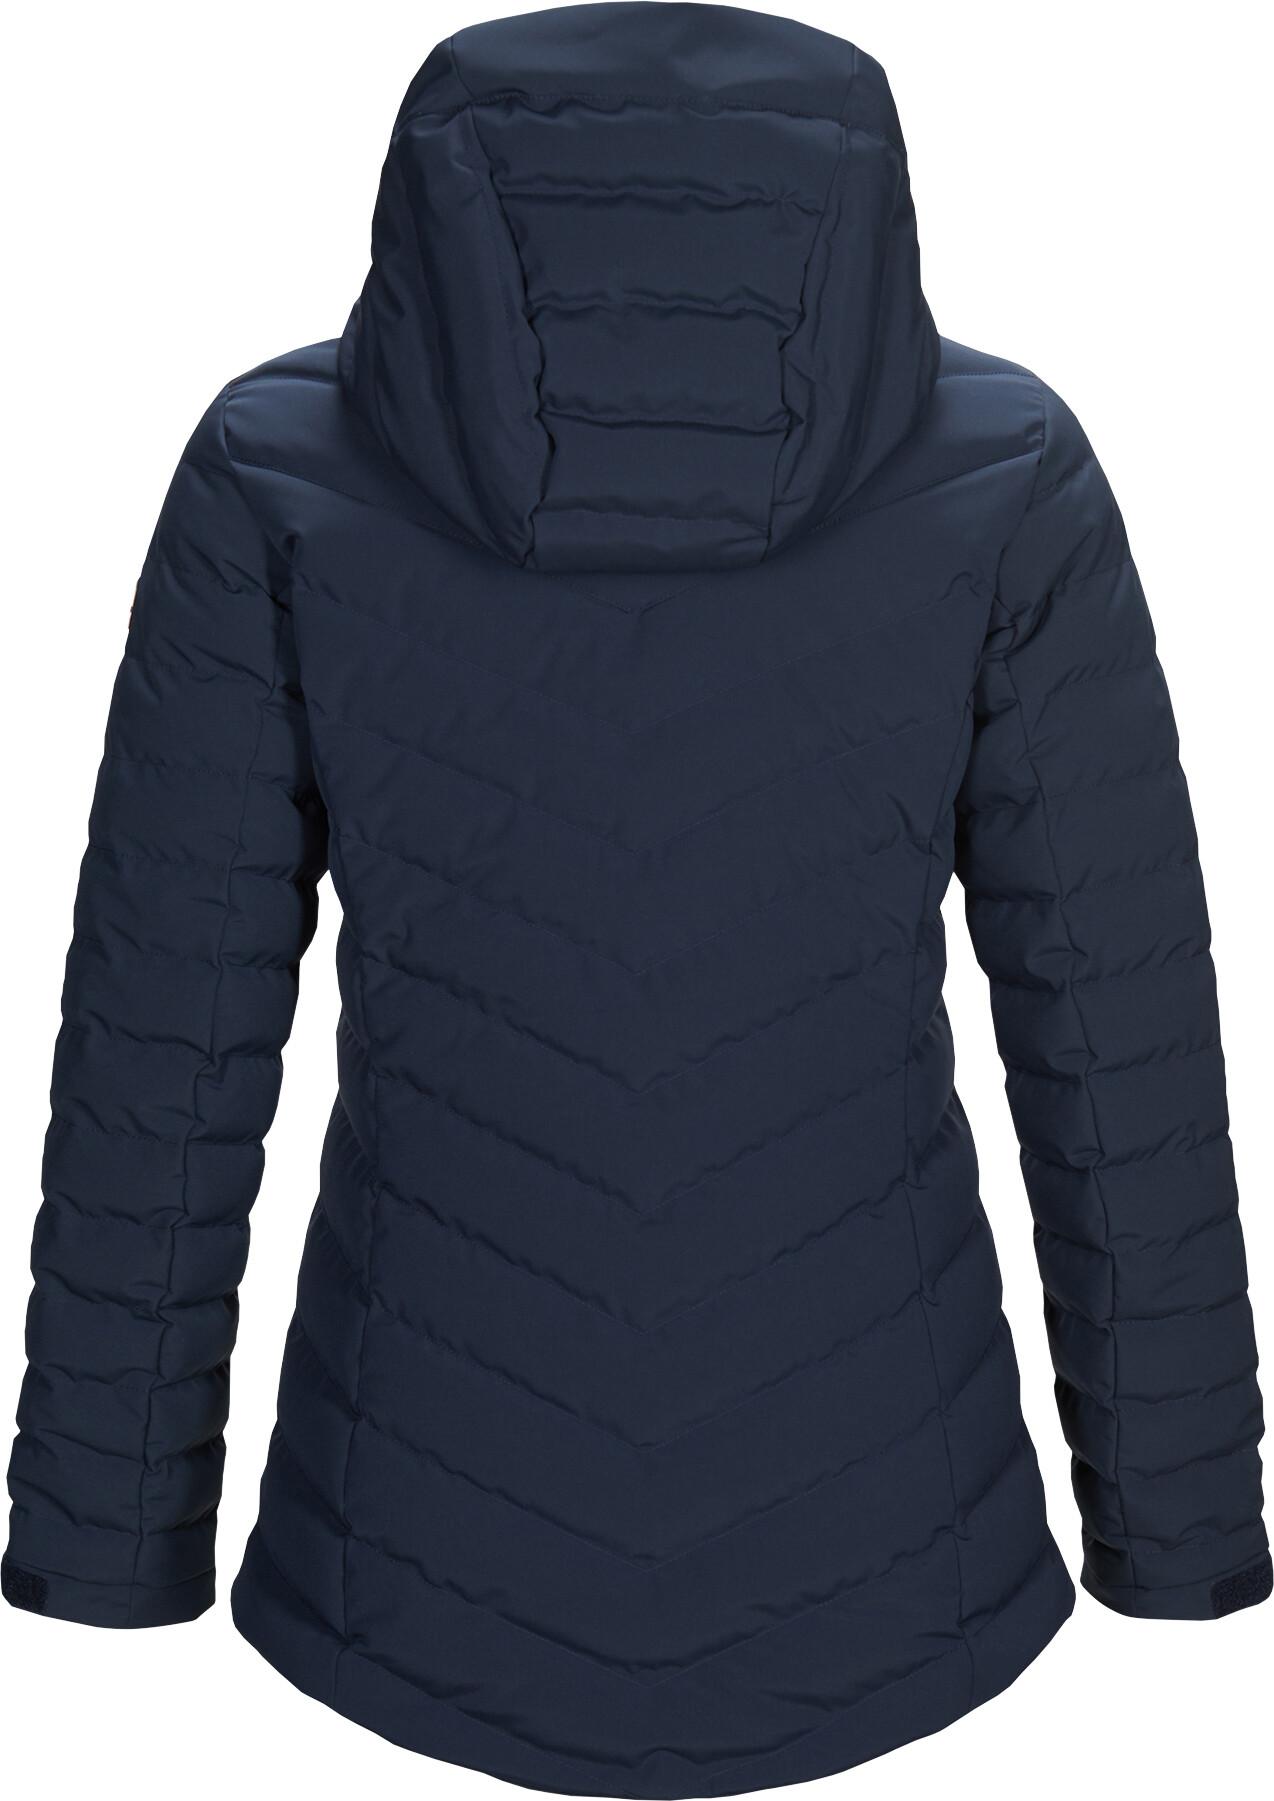 frost jacket skijakke dark teal 44c45d2cc65